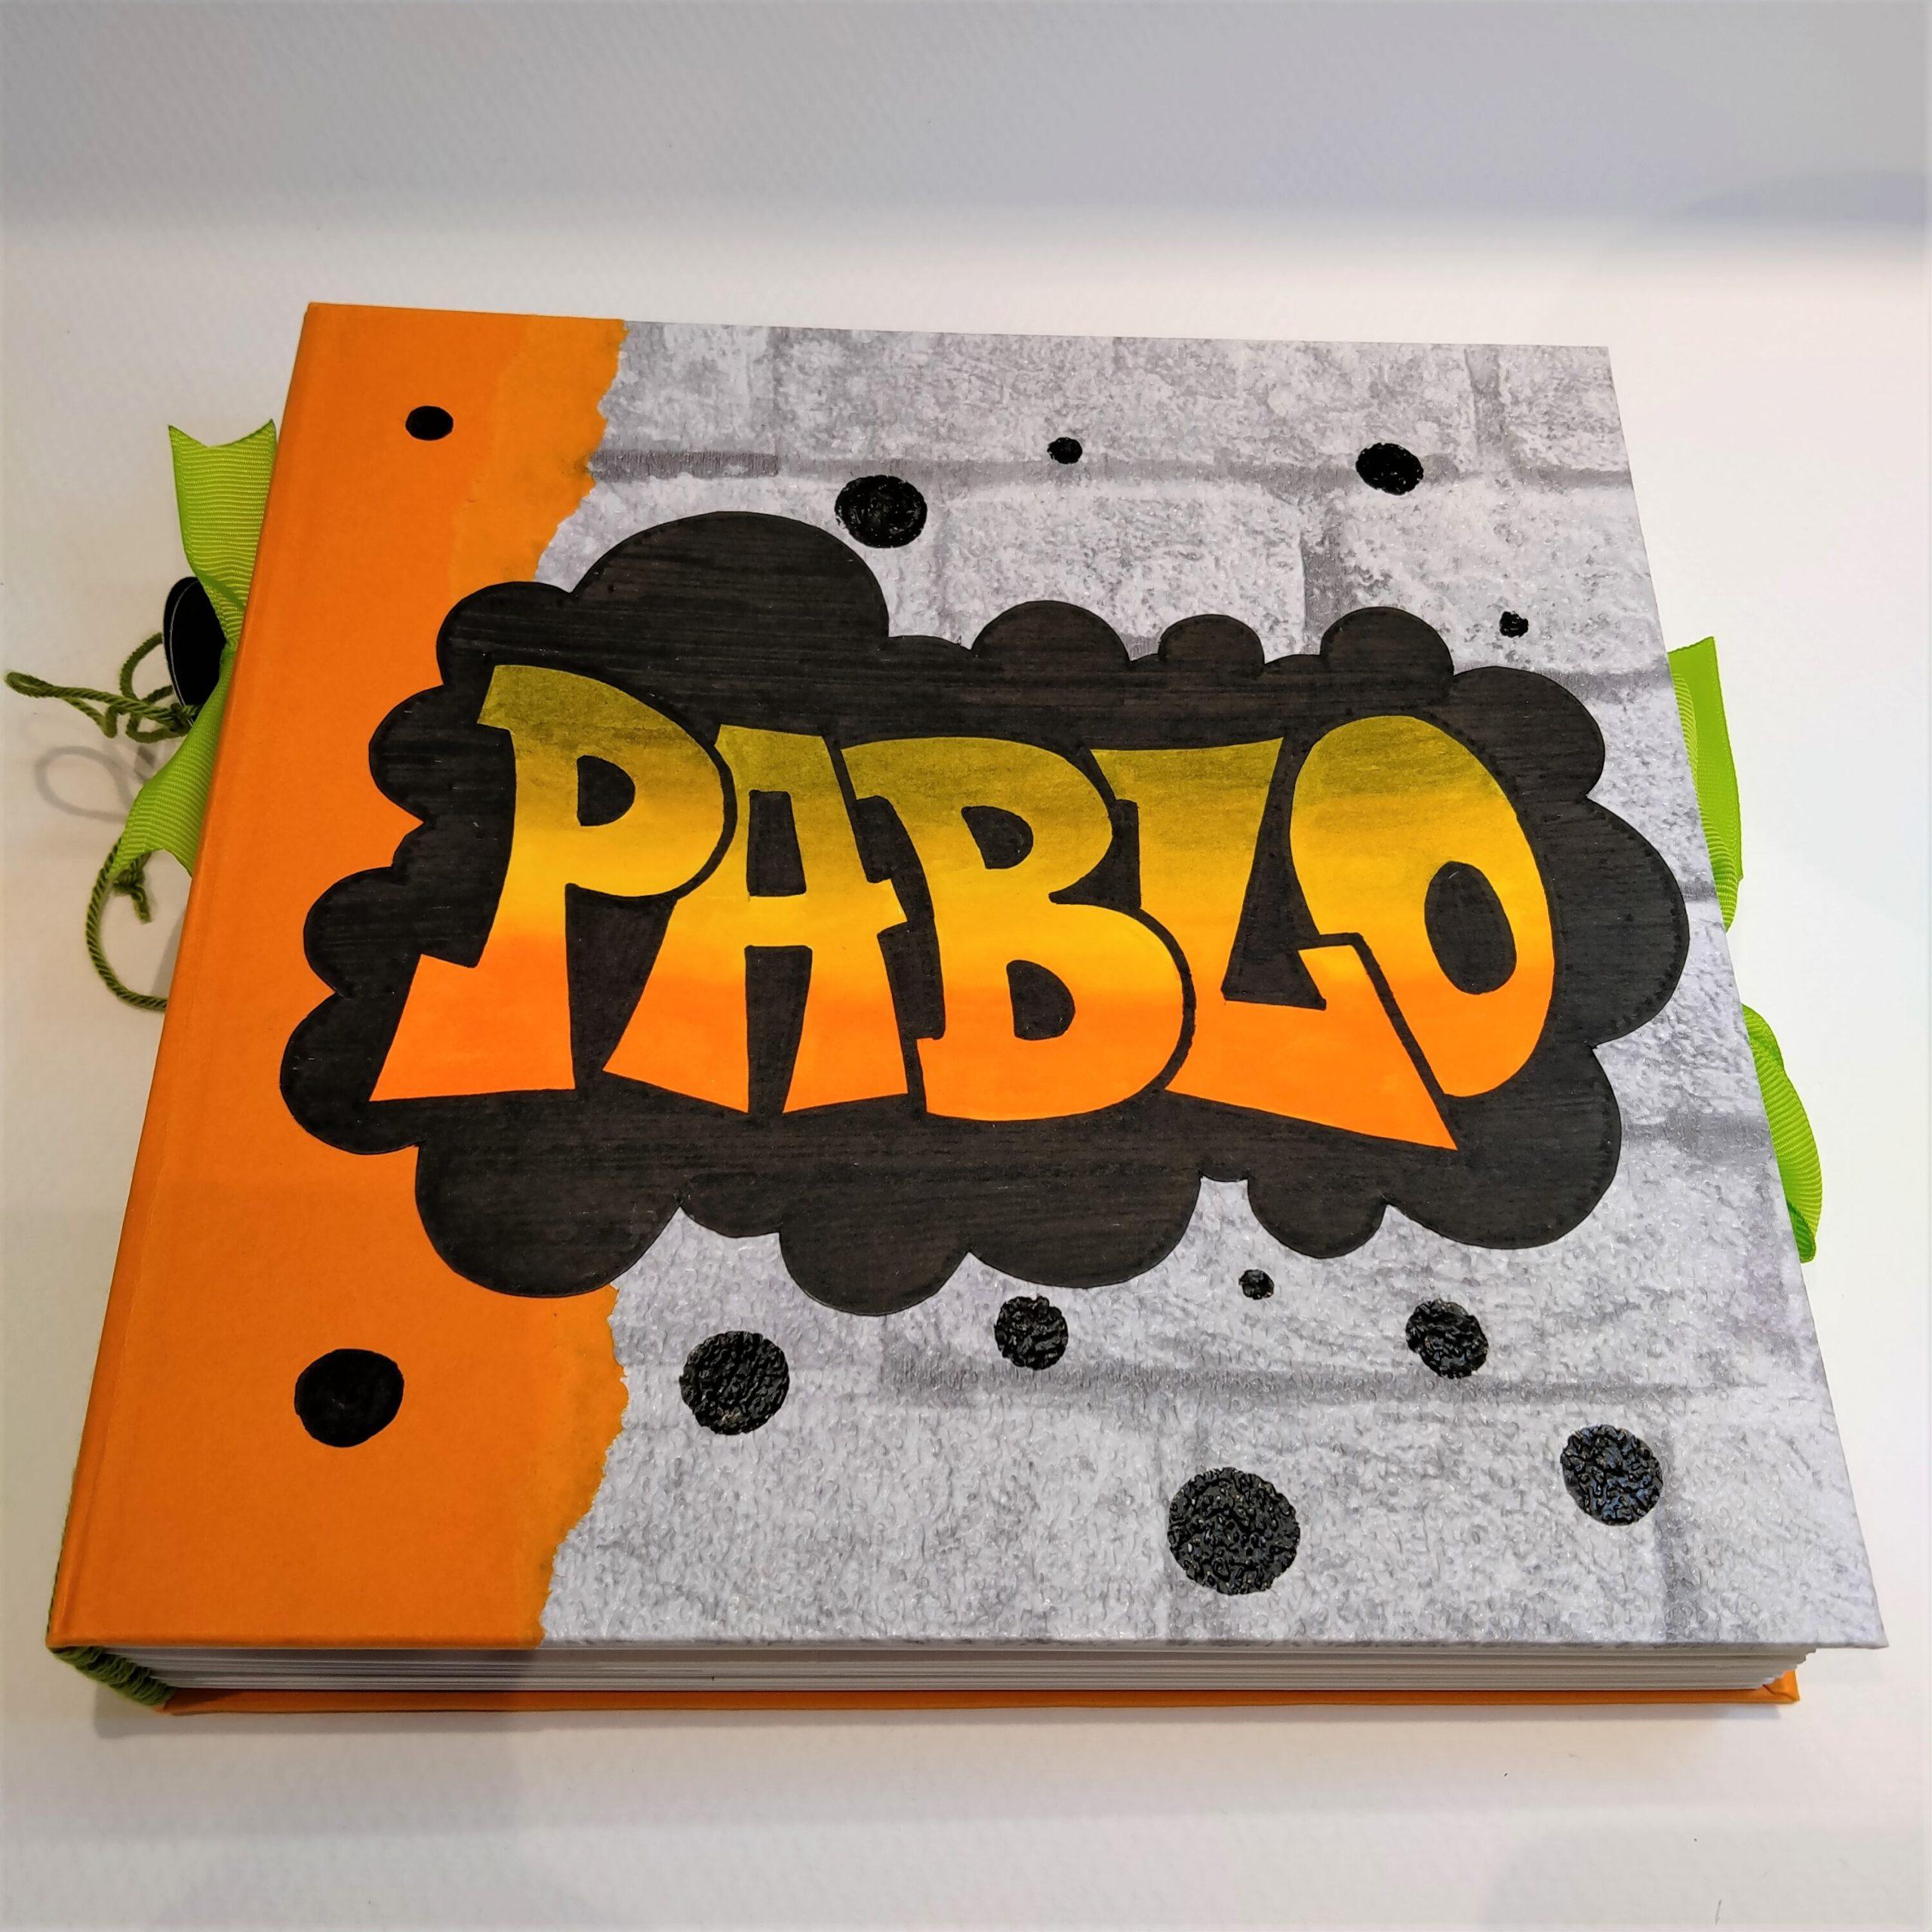 Àlbum per fotos Pablo